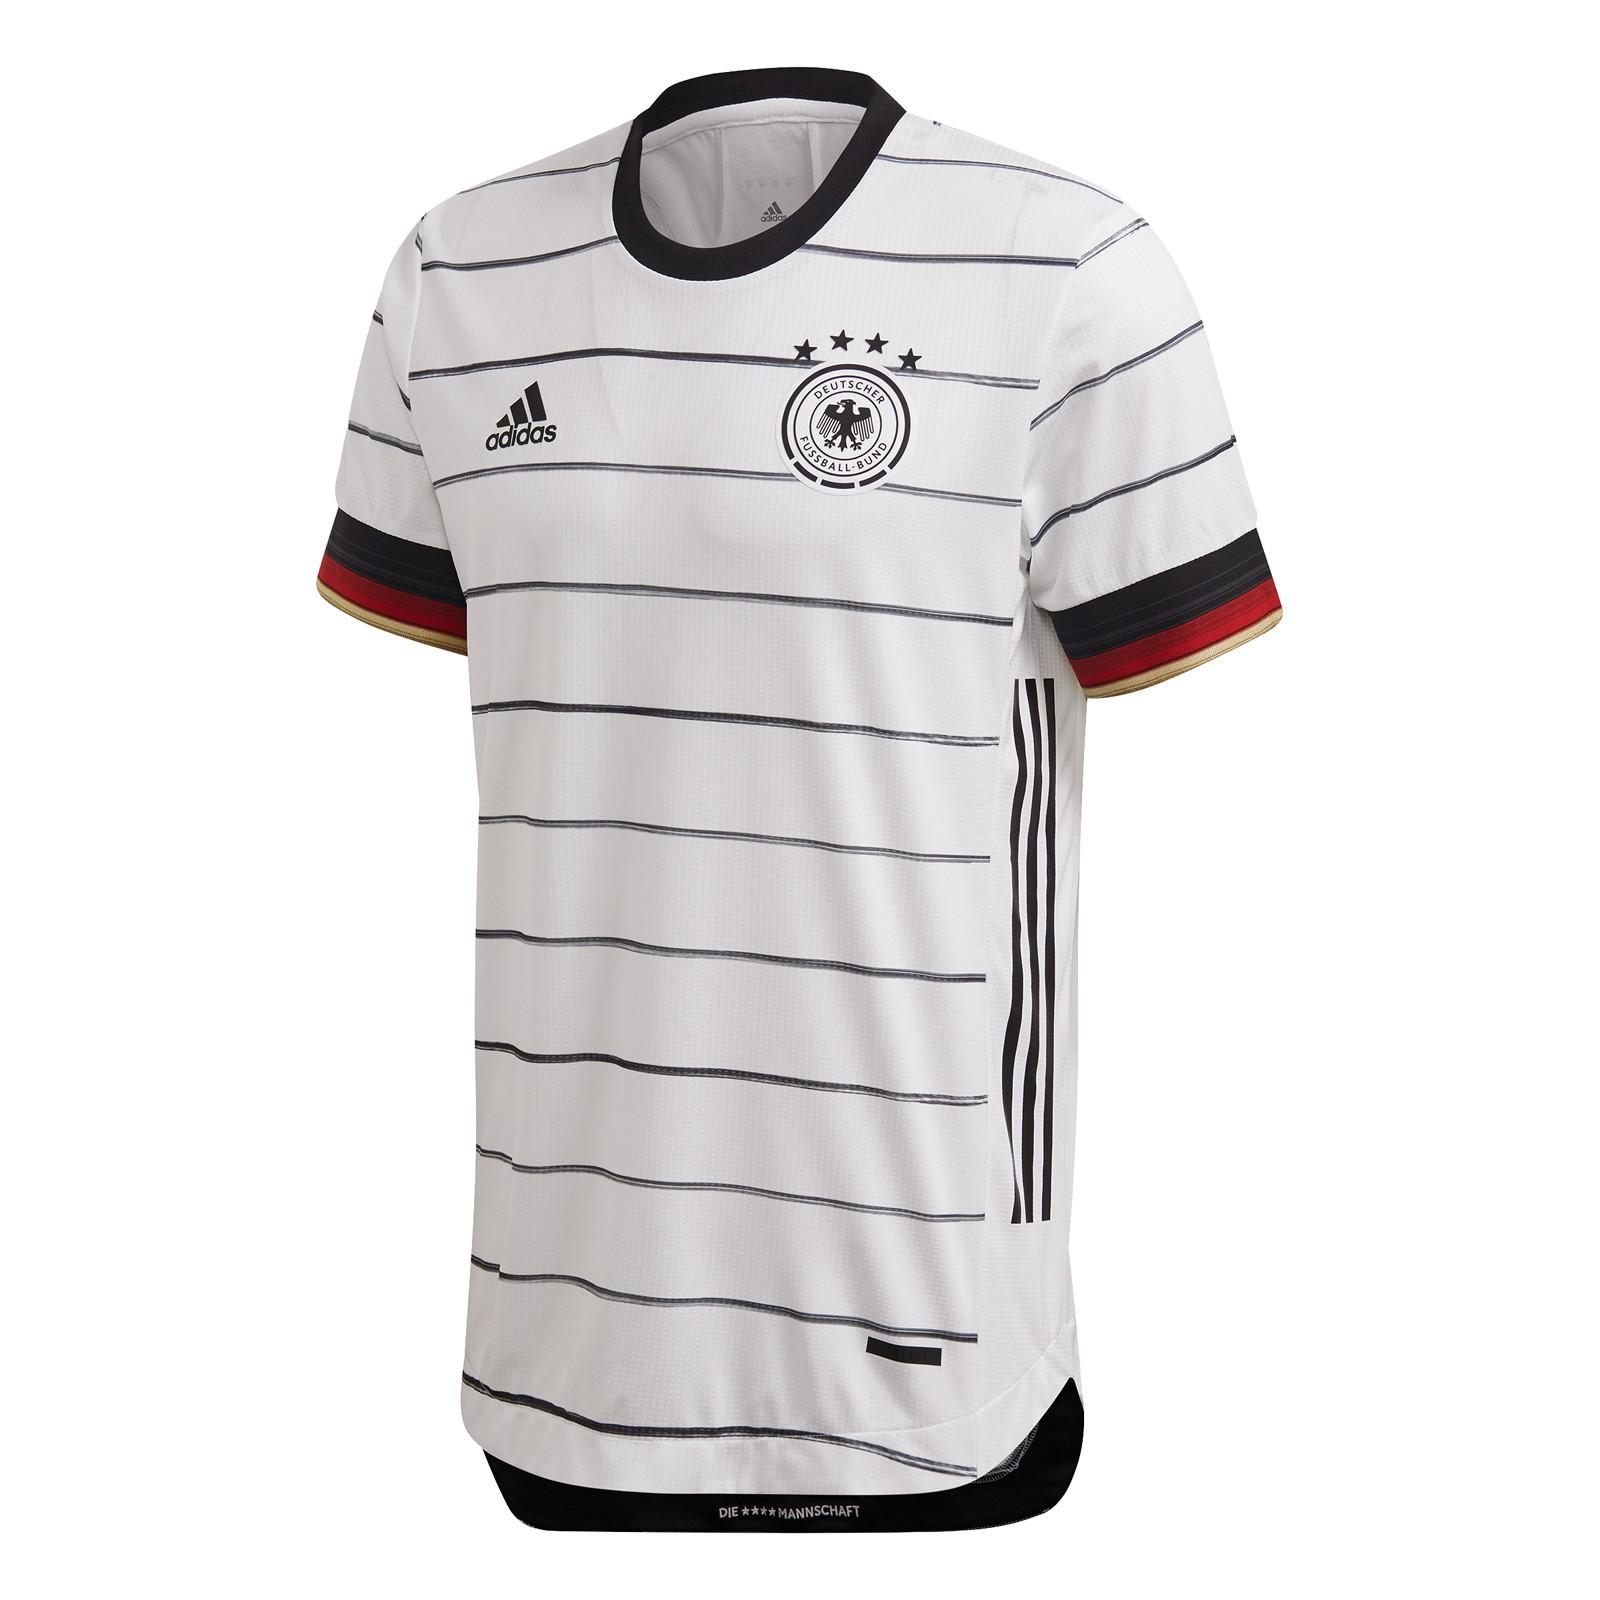 德国国家队2020欧洲杯球员版主场球衣